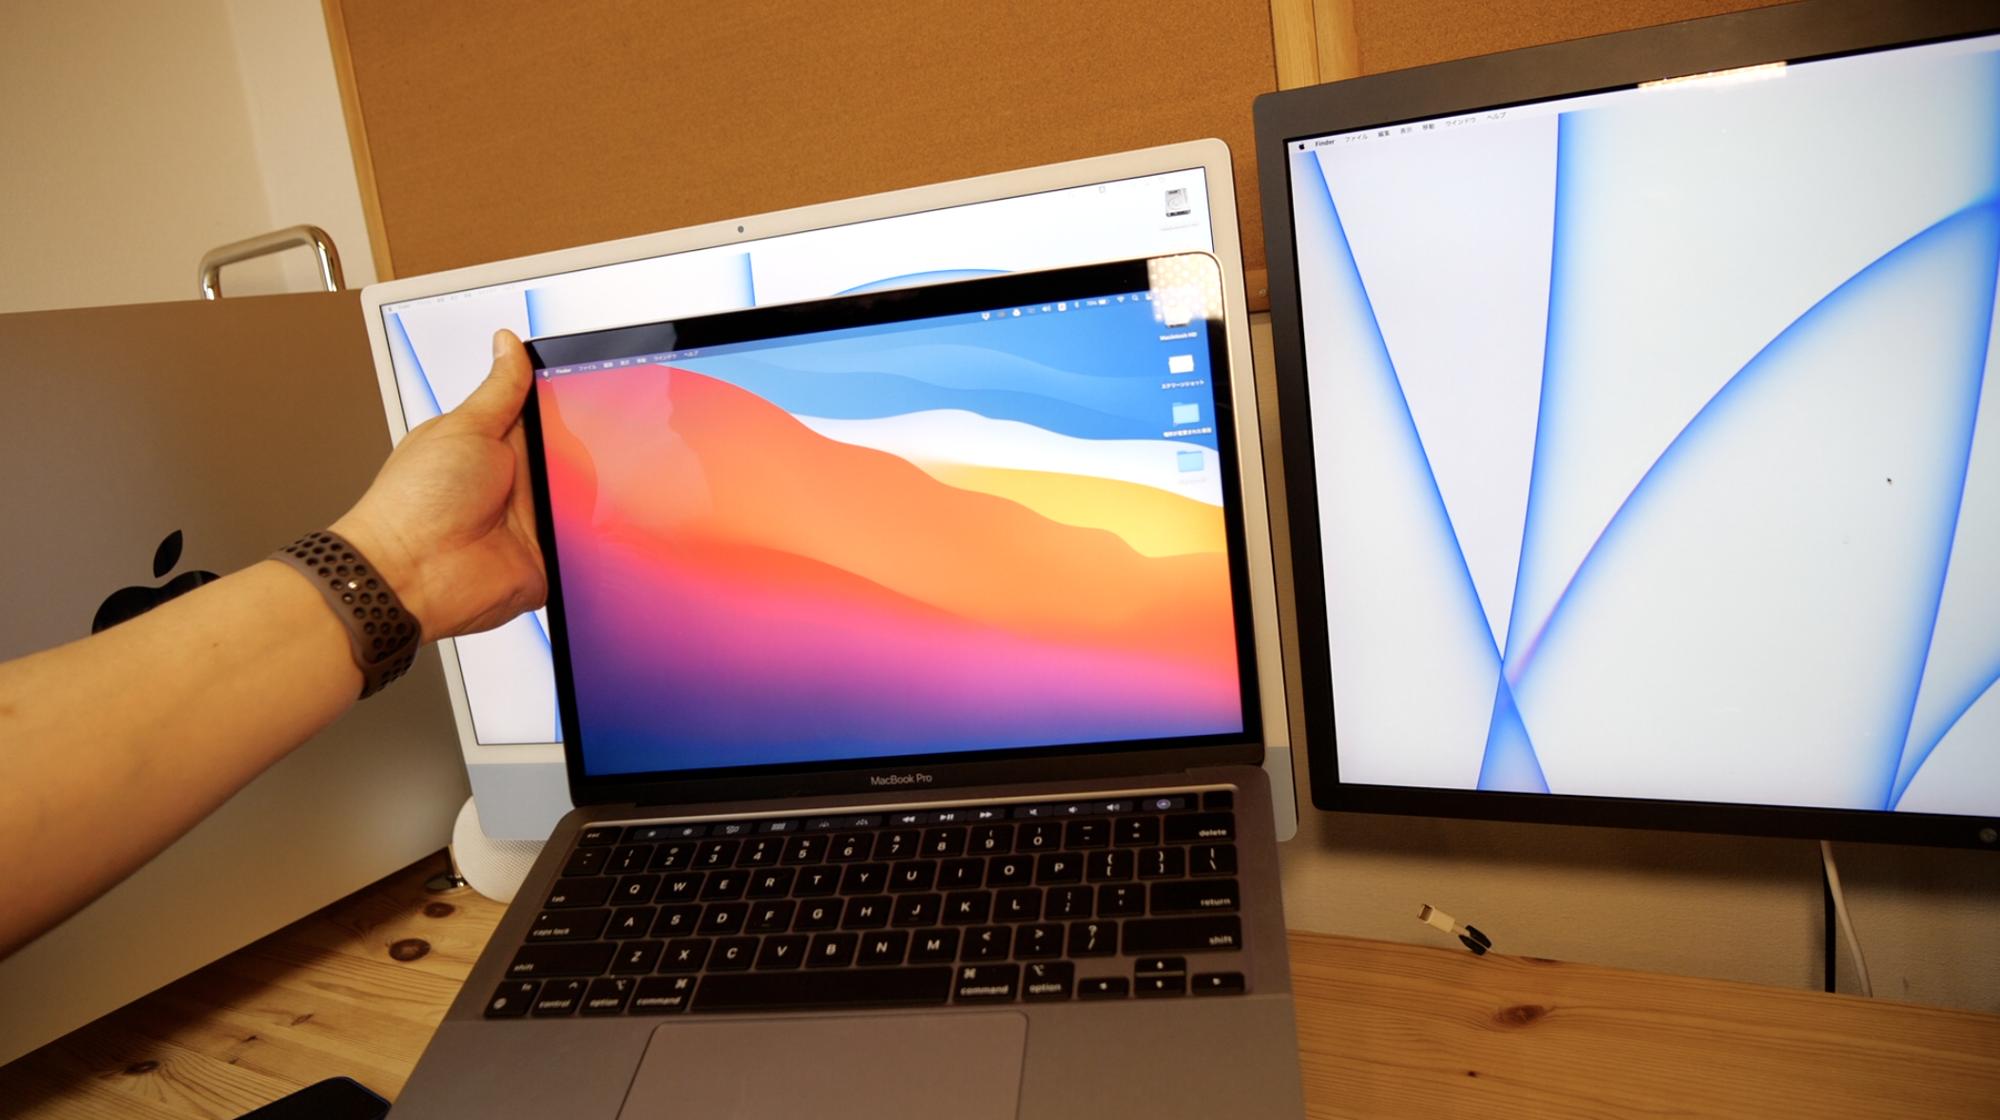 13インチMacBook Proと比べ作業領域が広い